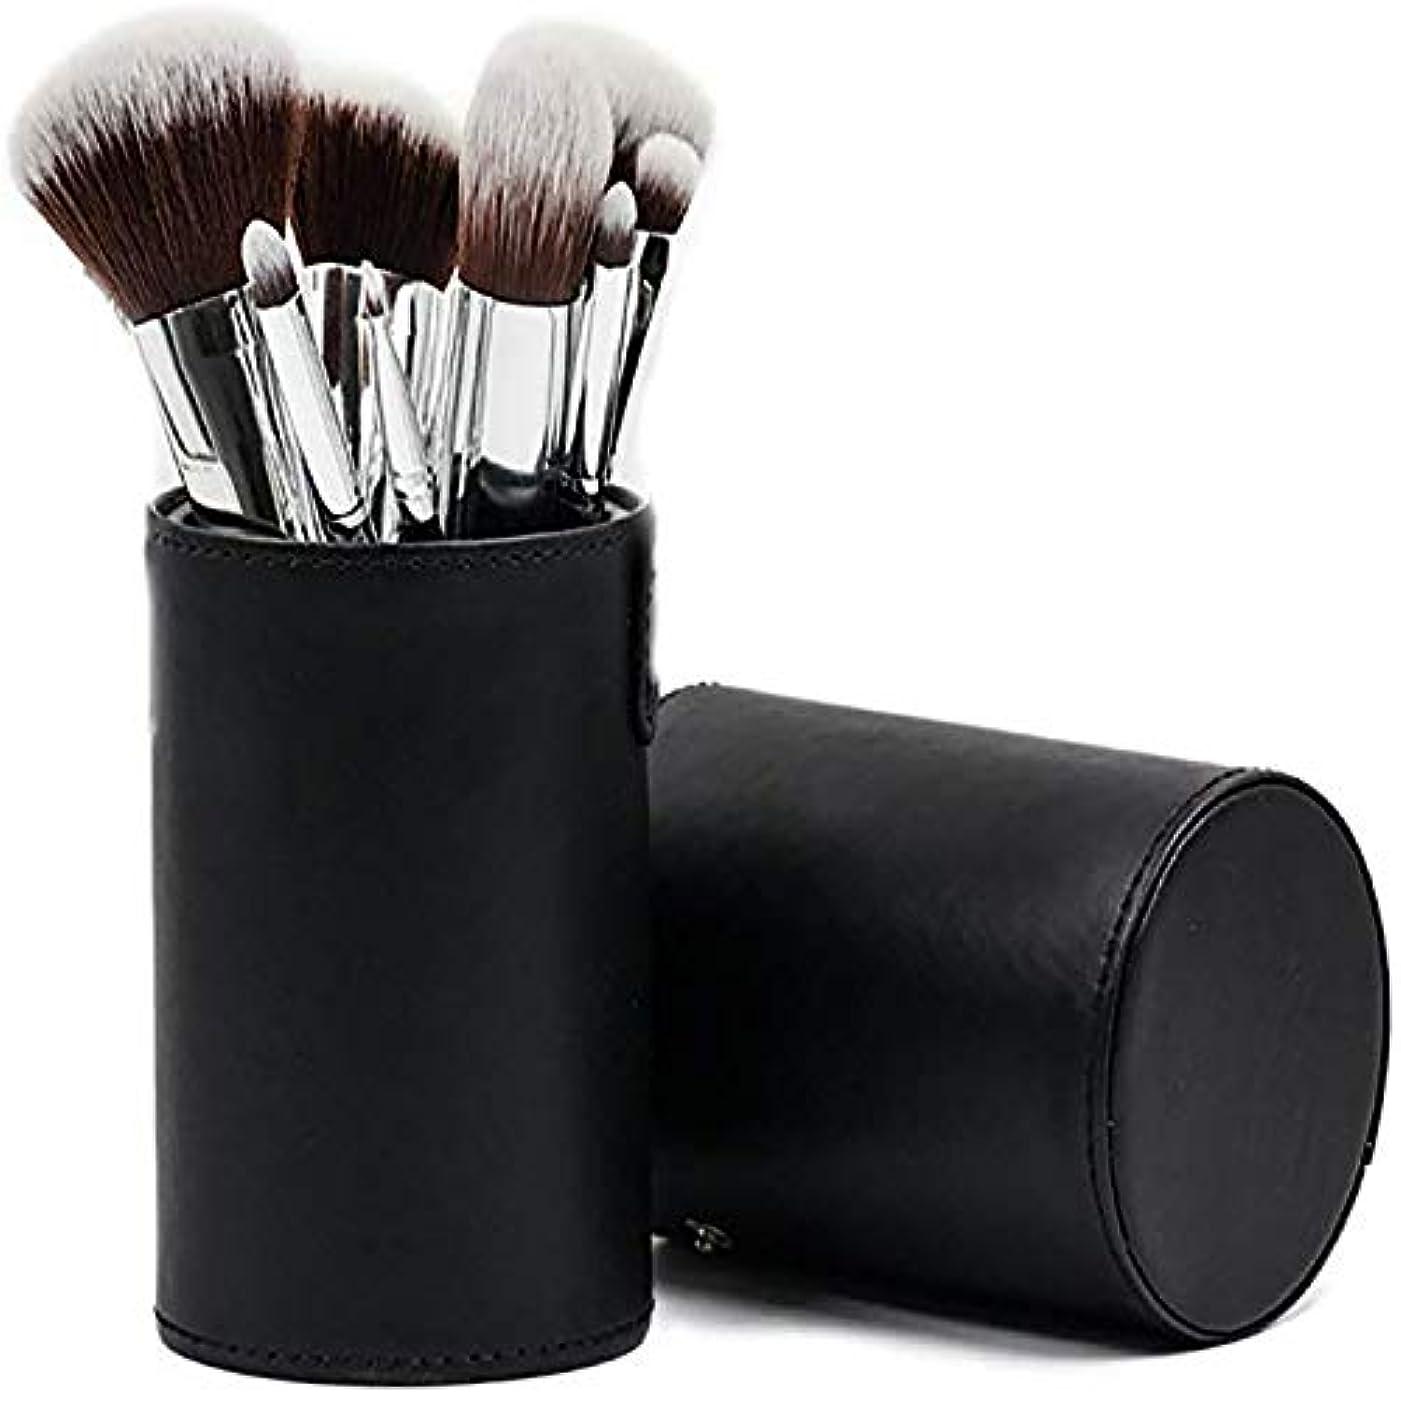 不適高揚した近傍[Huadoud]メイクブラシ 11本セット 化粧筆 フ ェイスブラシ 化粧ブラシ ブラック 収納ケース付き SCW-HZshua-11